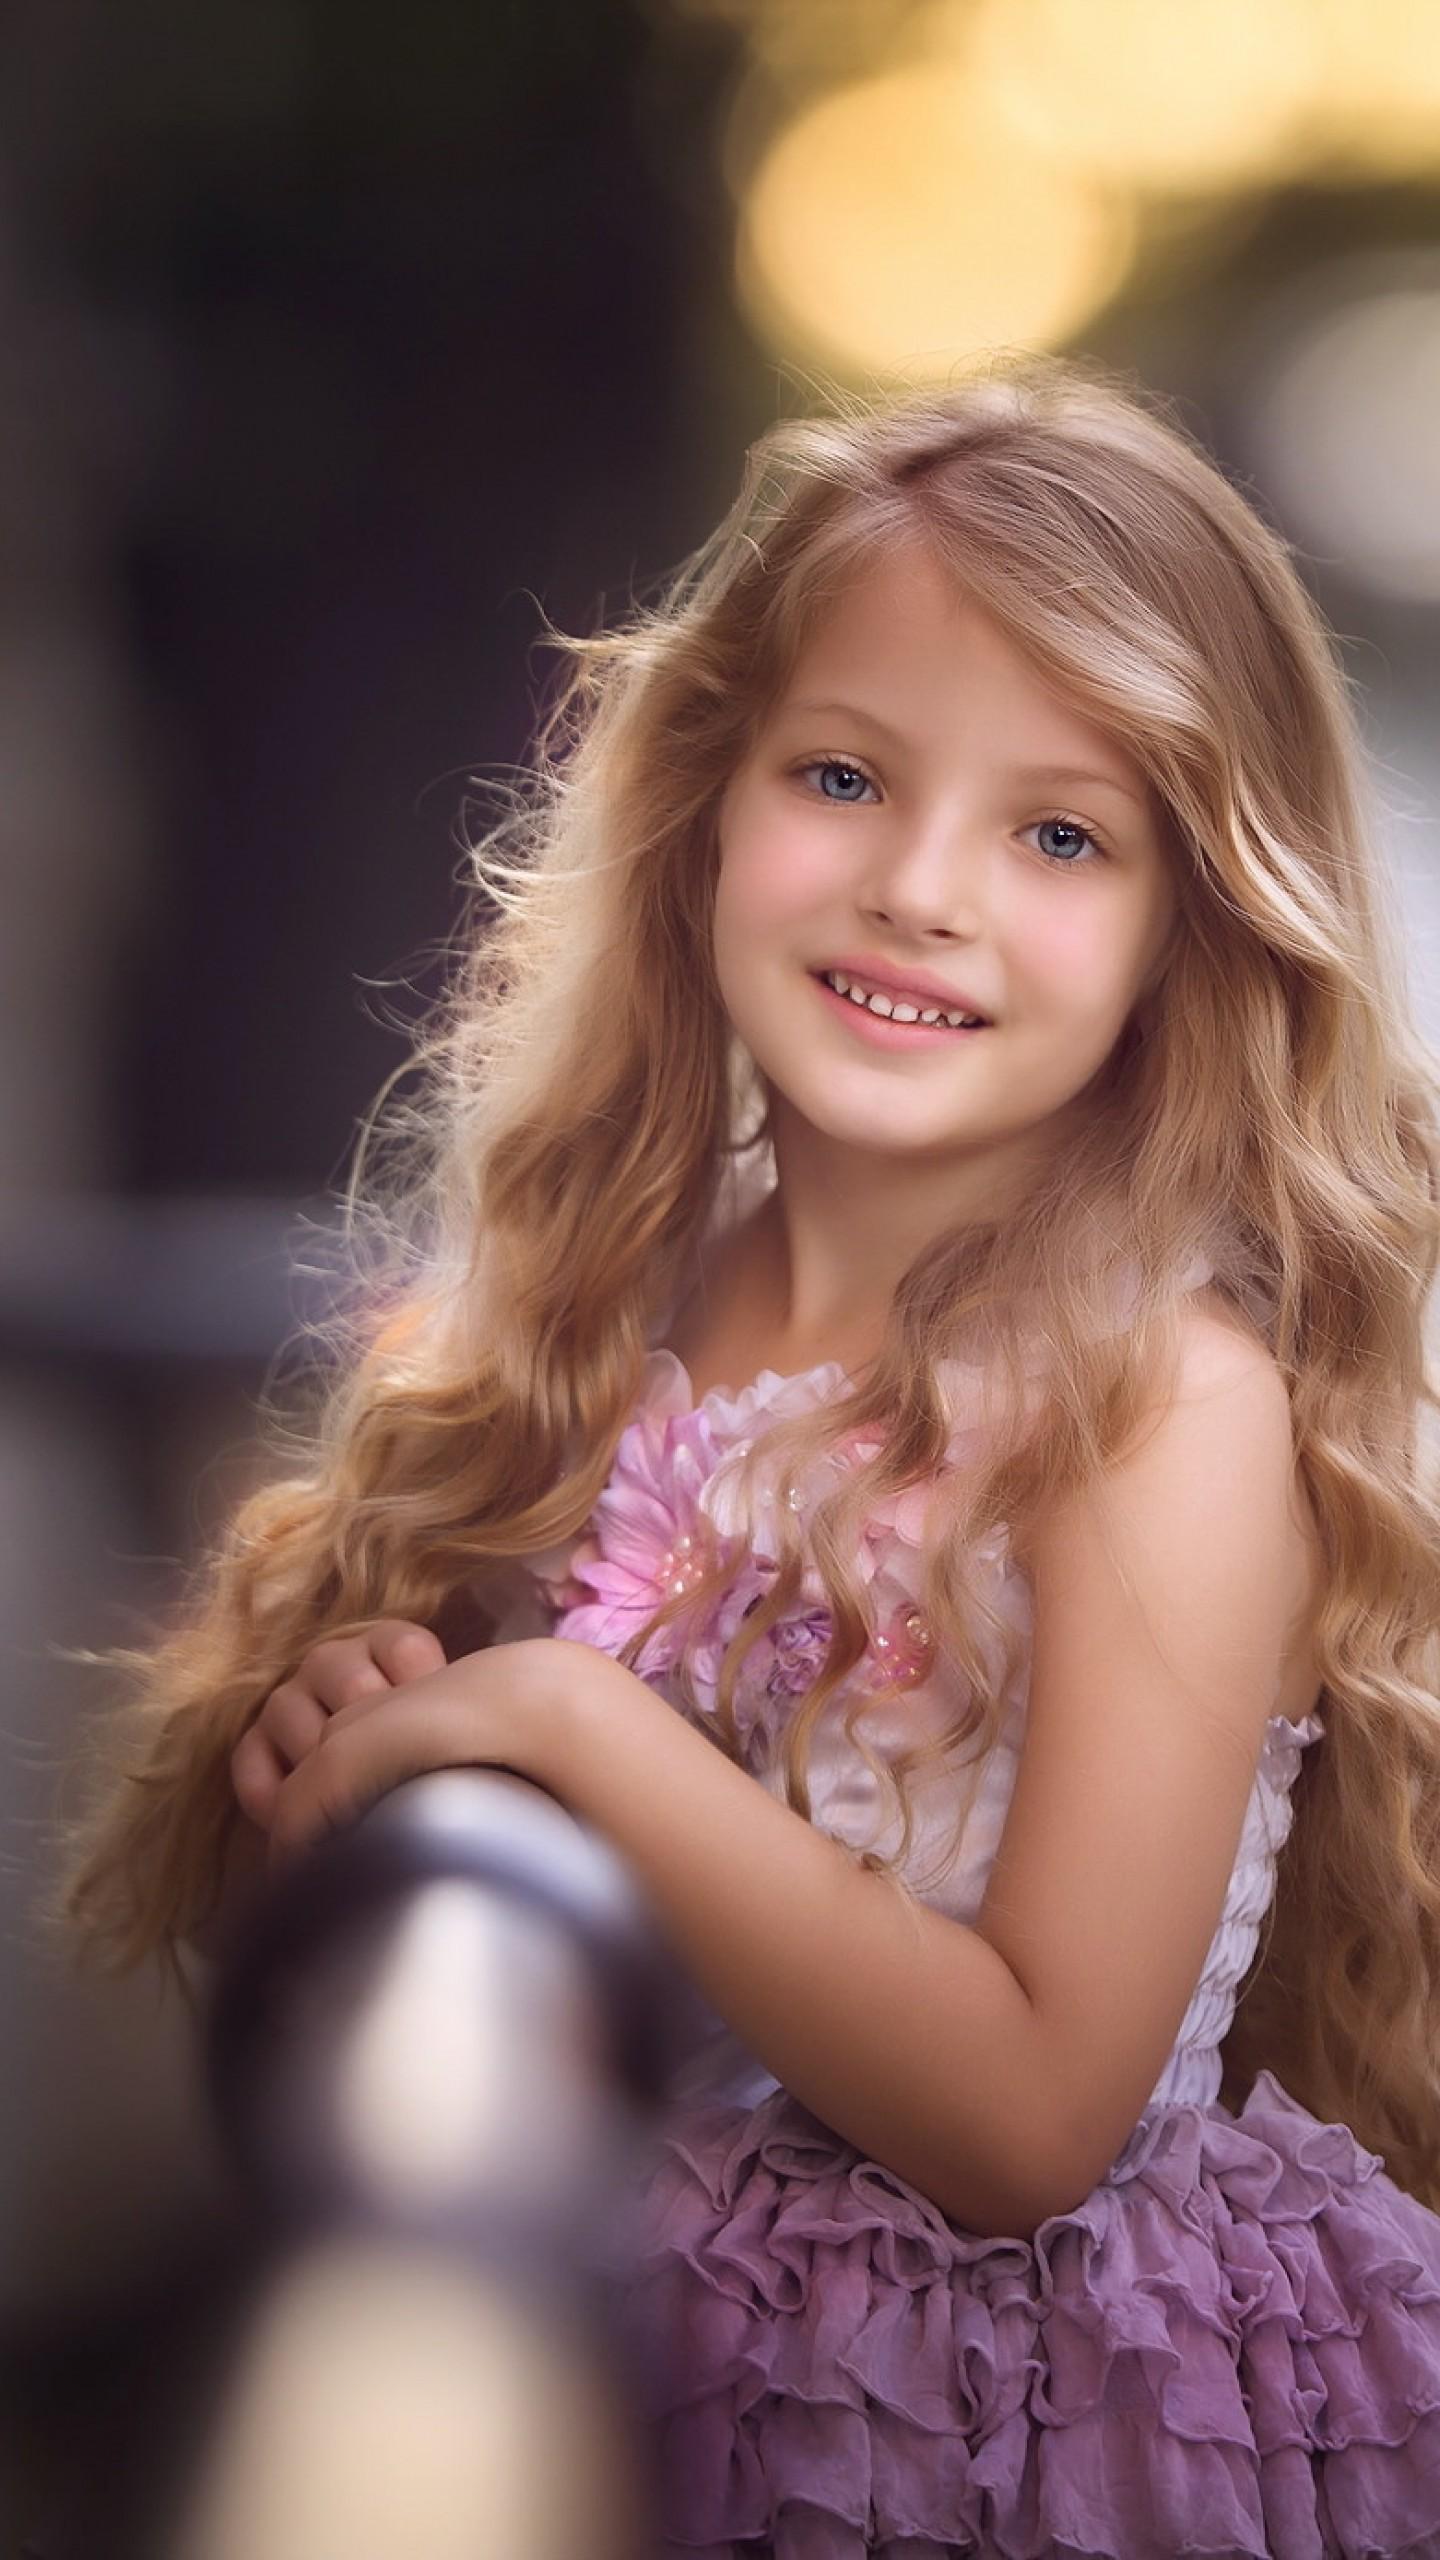 عکس زمینه دختر بچه ناز موطلایی با لبخند زیبا پس زمینه